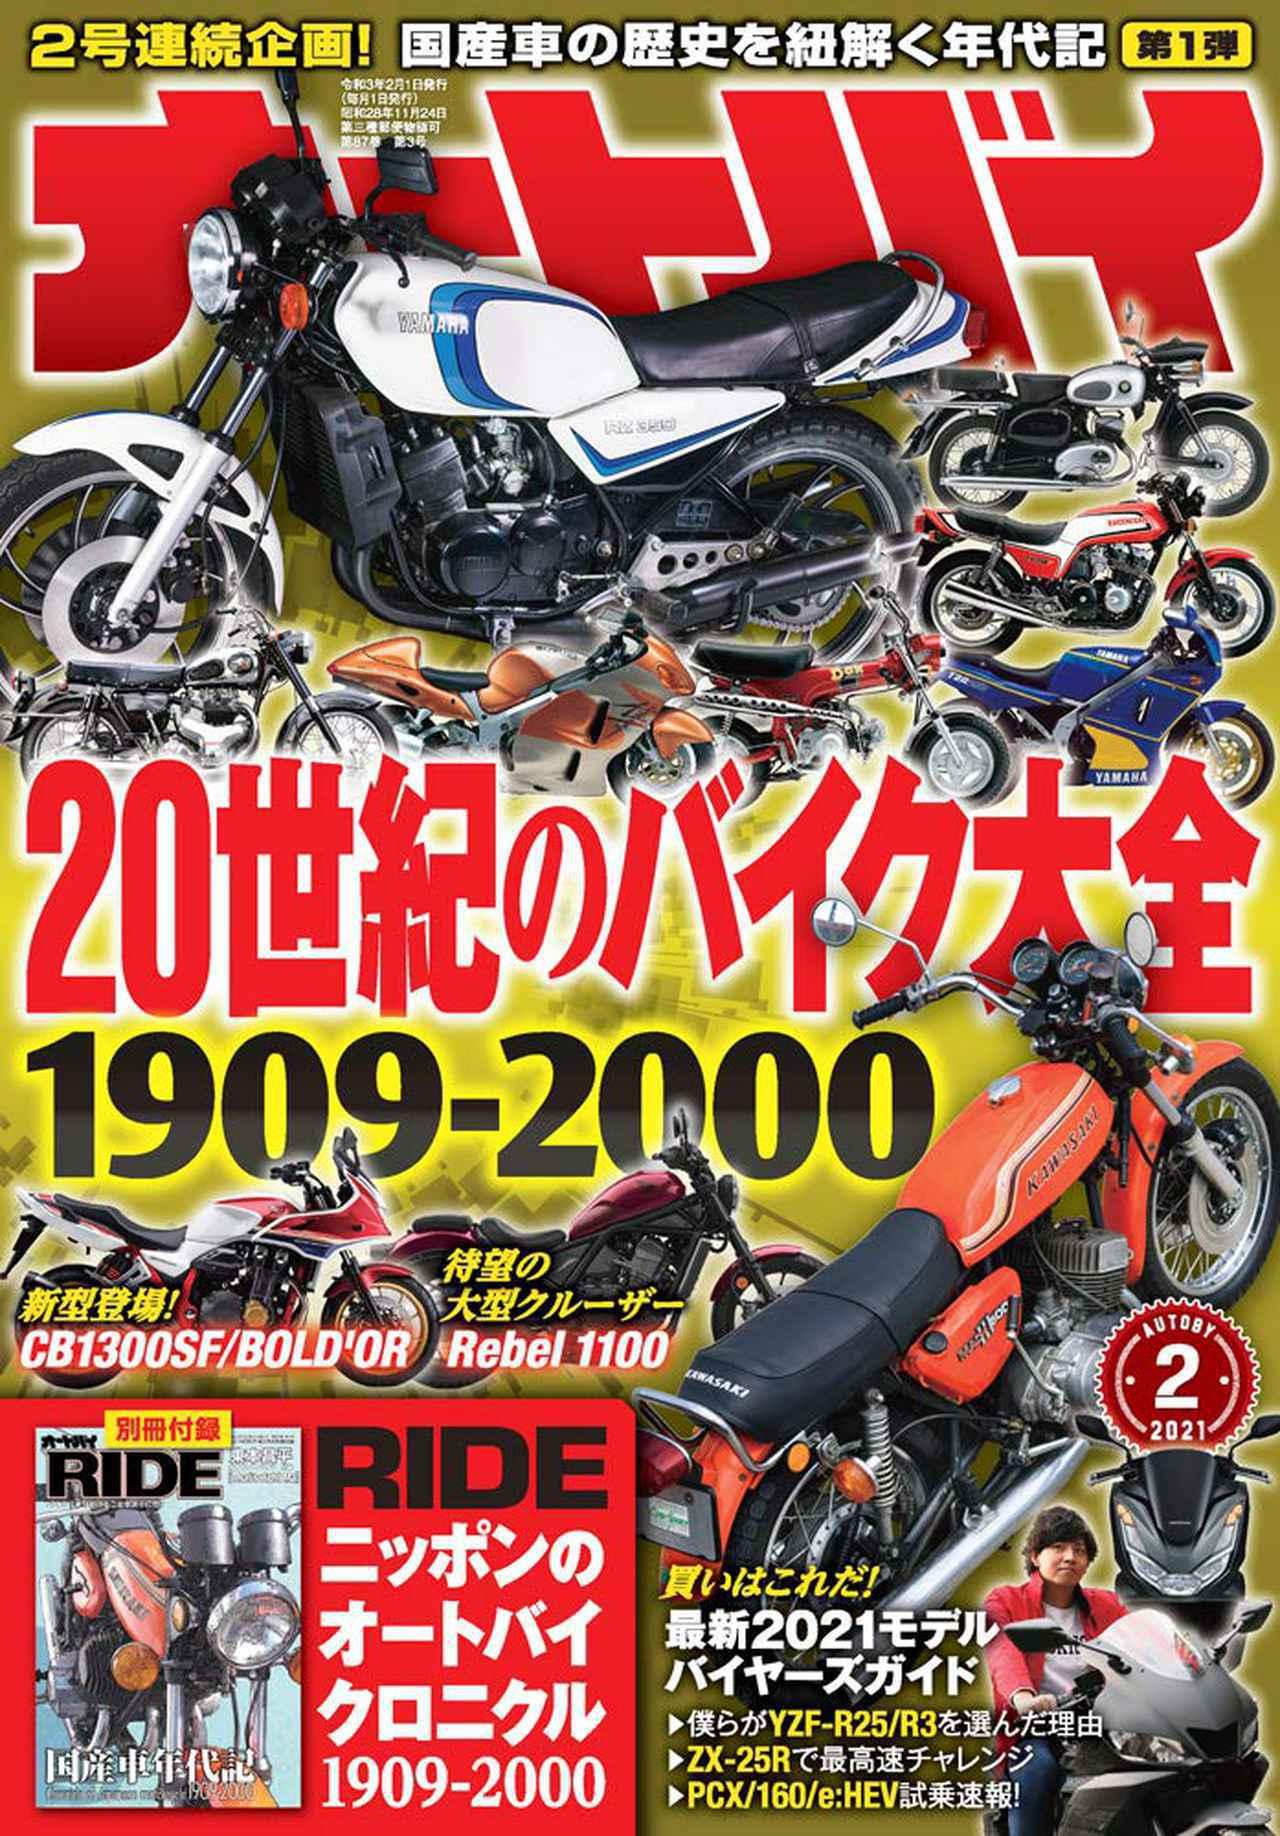 画像1: 月刊『オートバイ』2021年2月号は12月26日発売! 注目の最新バイクを徹底解説&20世紀のバイク大全